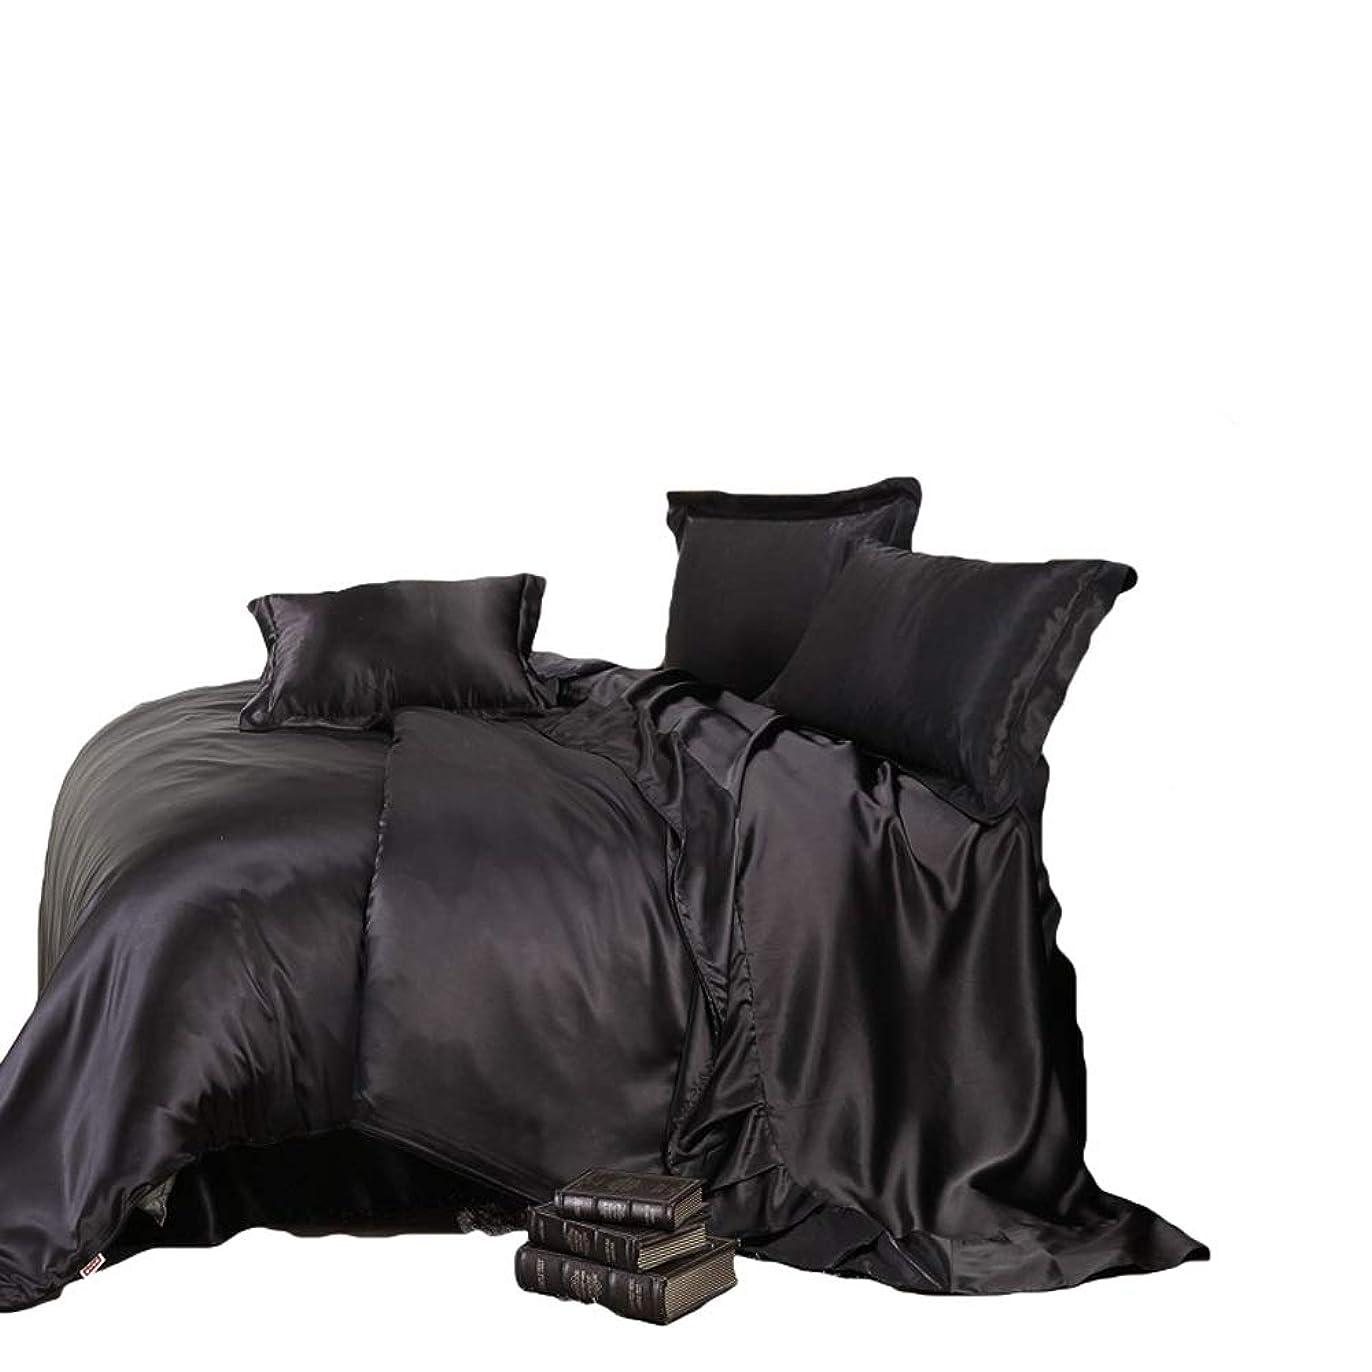 どうやって国勢調査困惑する高級羽毛布団カバー3PCセット - ツイン/女王/キング羽毛布団カバー+ 2枕シャムス。隠しジッパークロージャー MUMUWU (Color : ブラック, Size : 228*264cm US King)